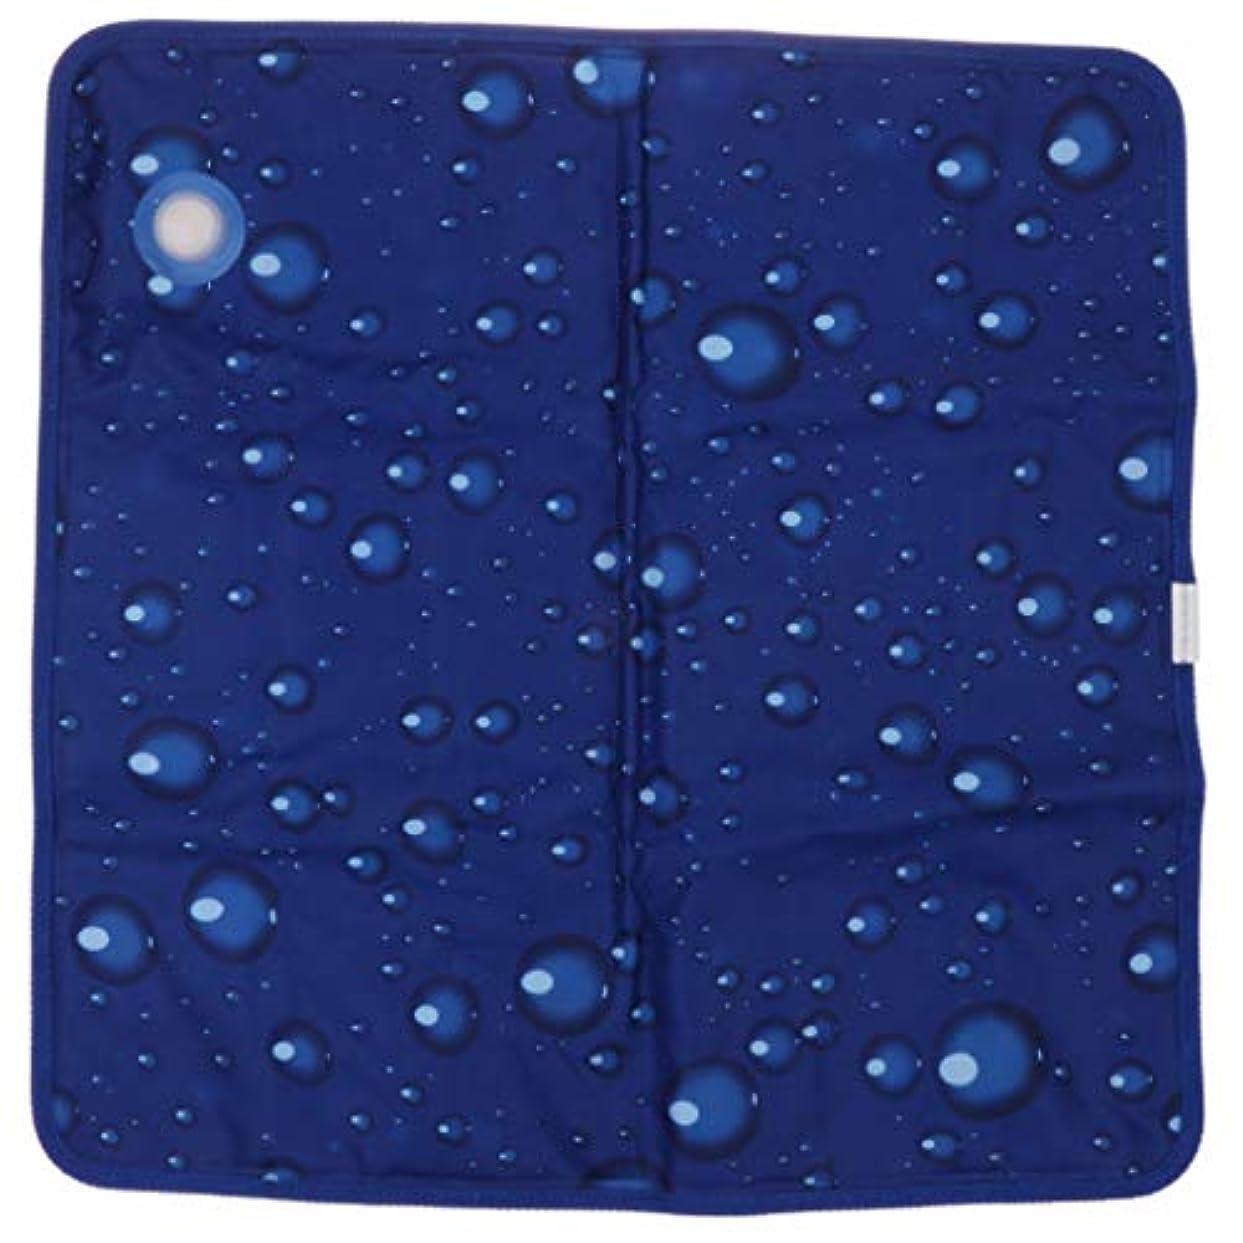 協会センブランスシンプトン冷却シートクッション クールパッド アイスパッド 熱中症対策 ウォーターパッド 全6色 - 06